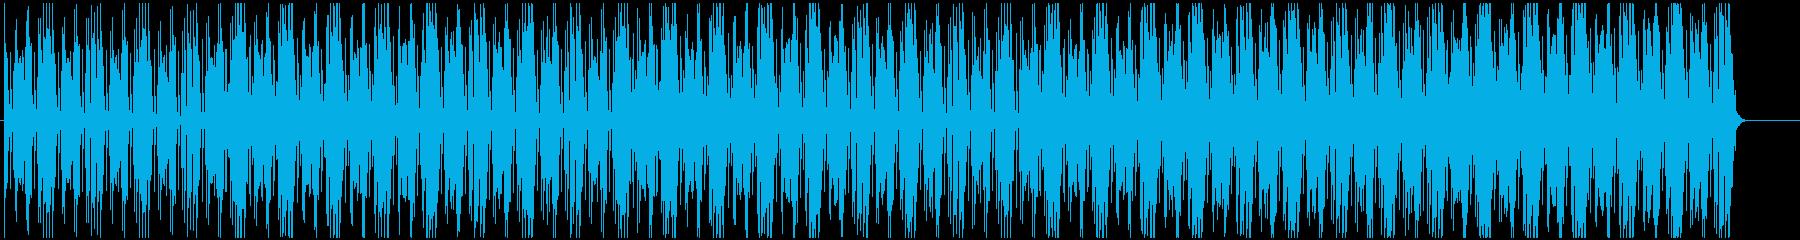 ポップな中に不安や緊張感☆ハロウィンの再生済みの波形